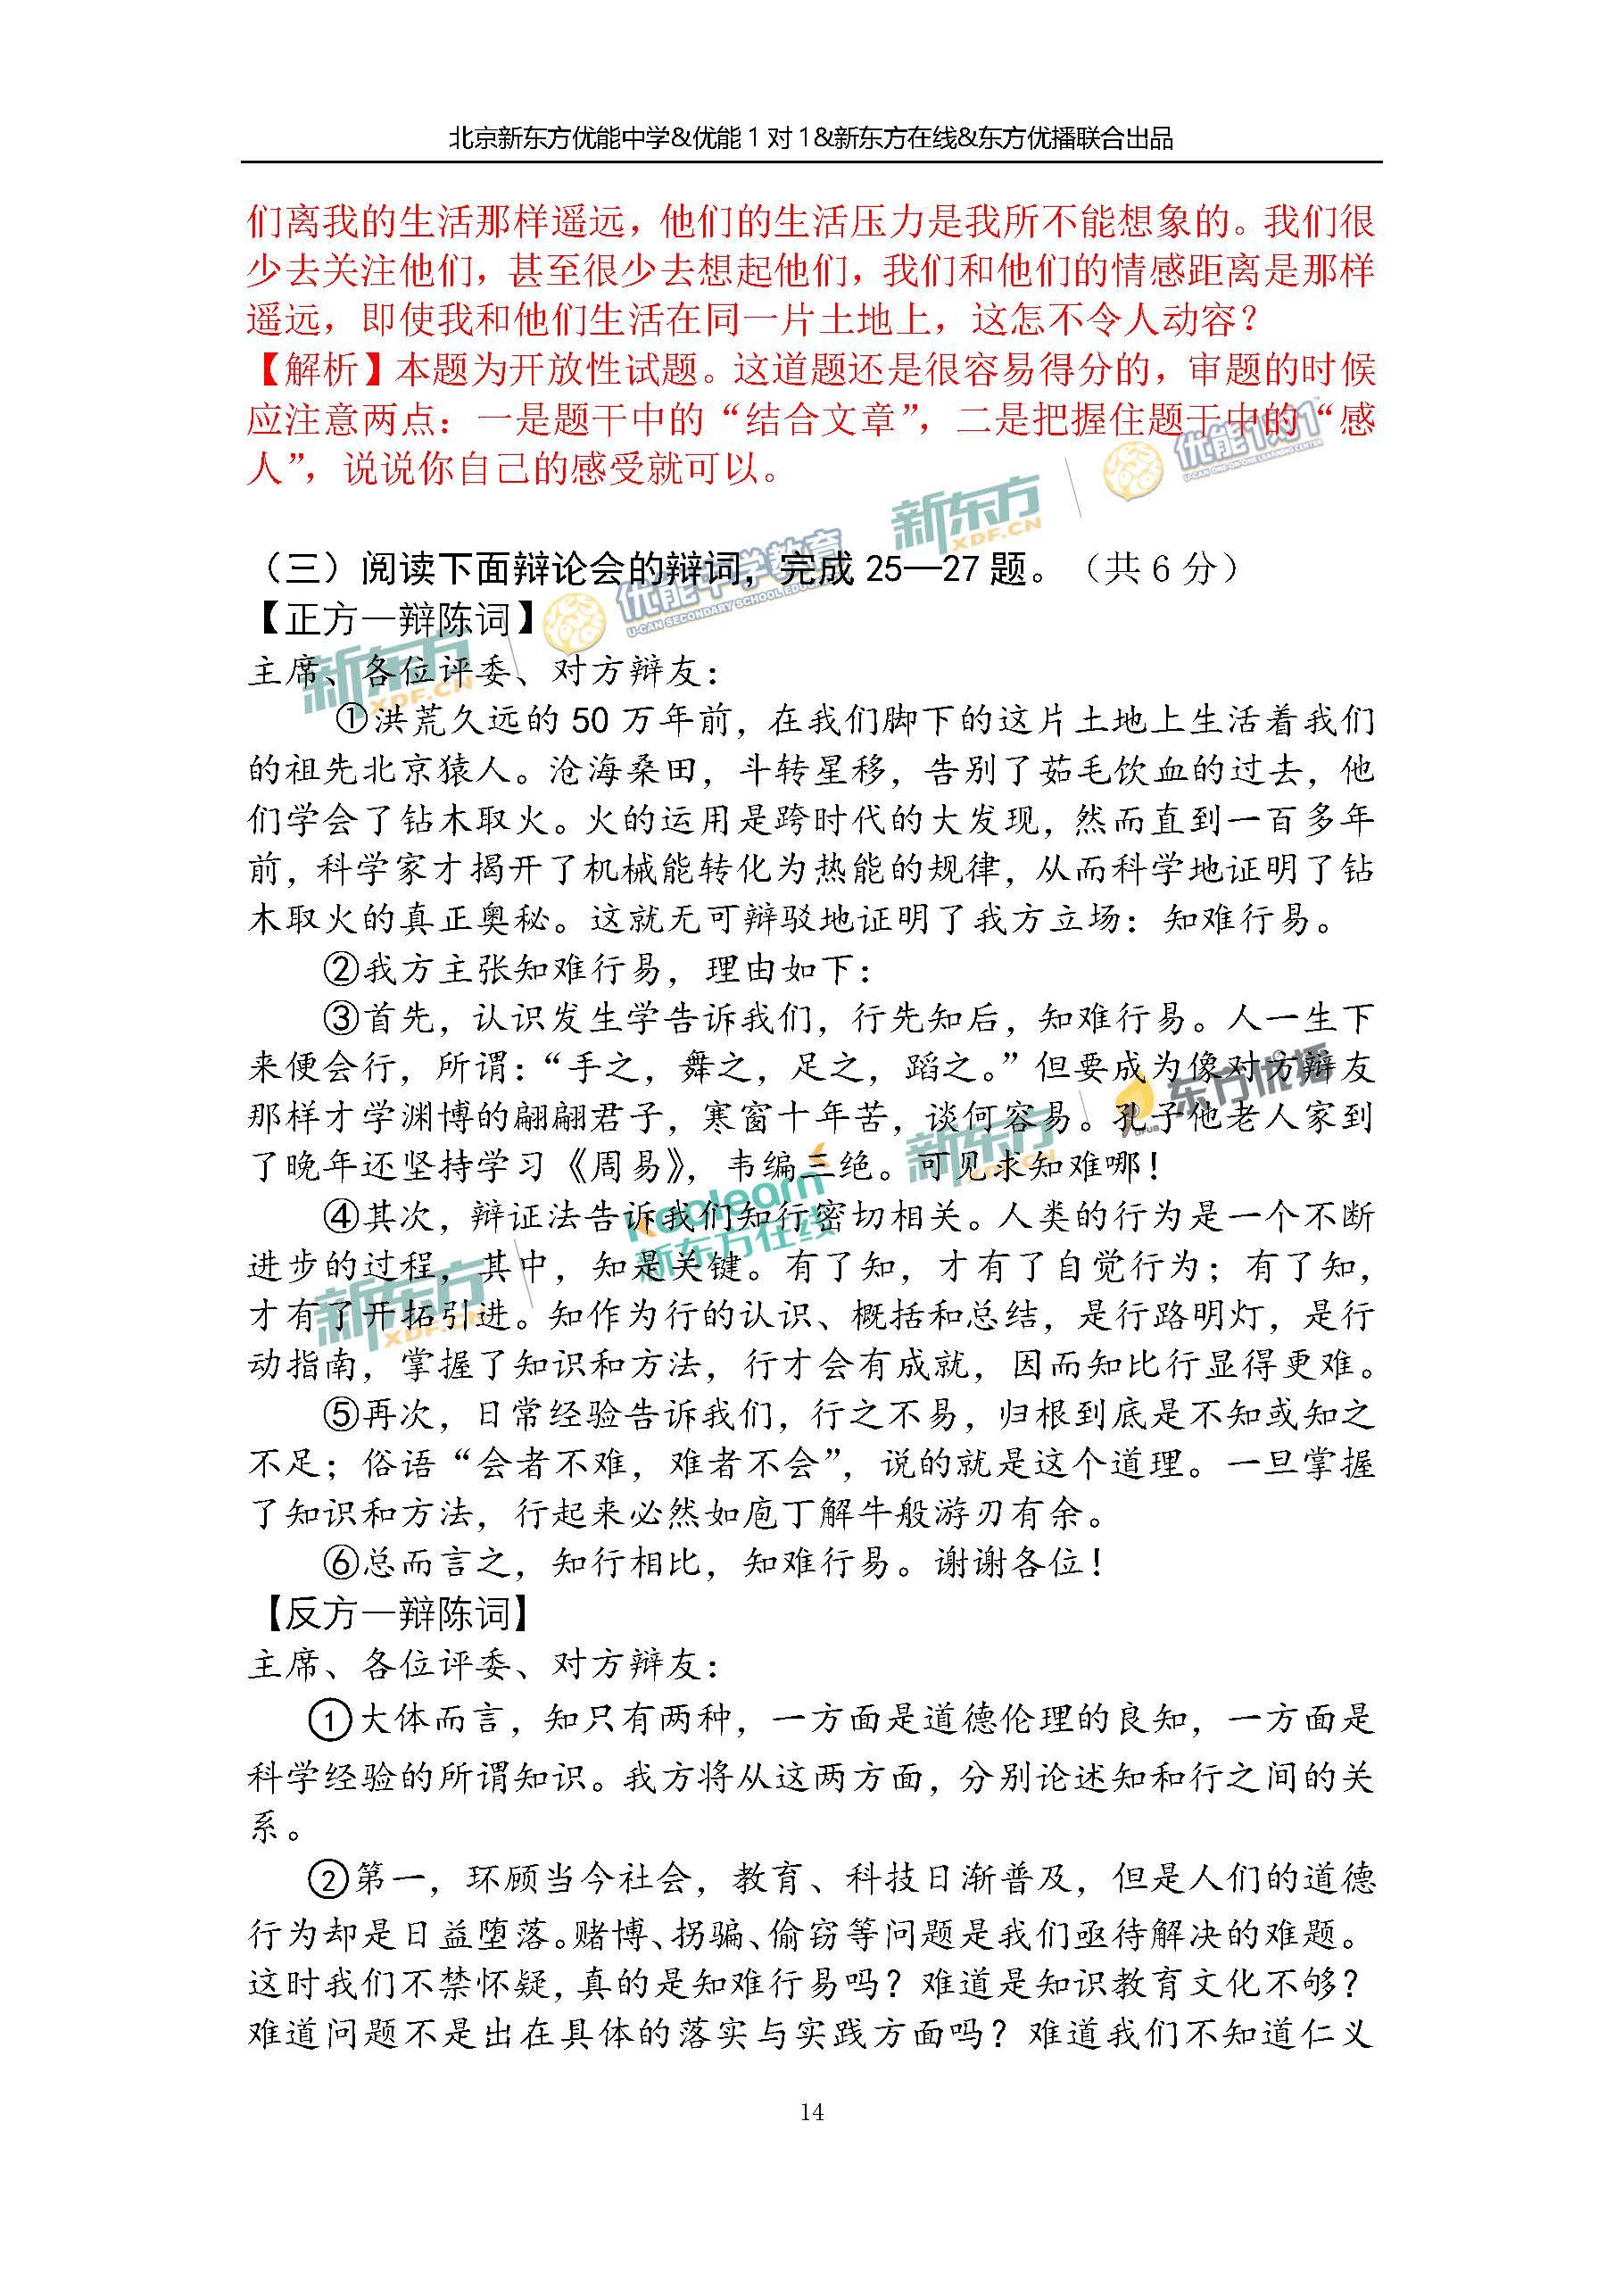 2018西城中考二模语文试题答案逐题解析(北京新东方)